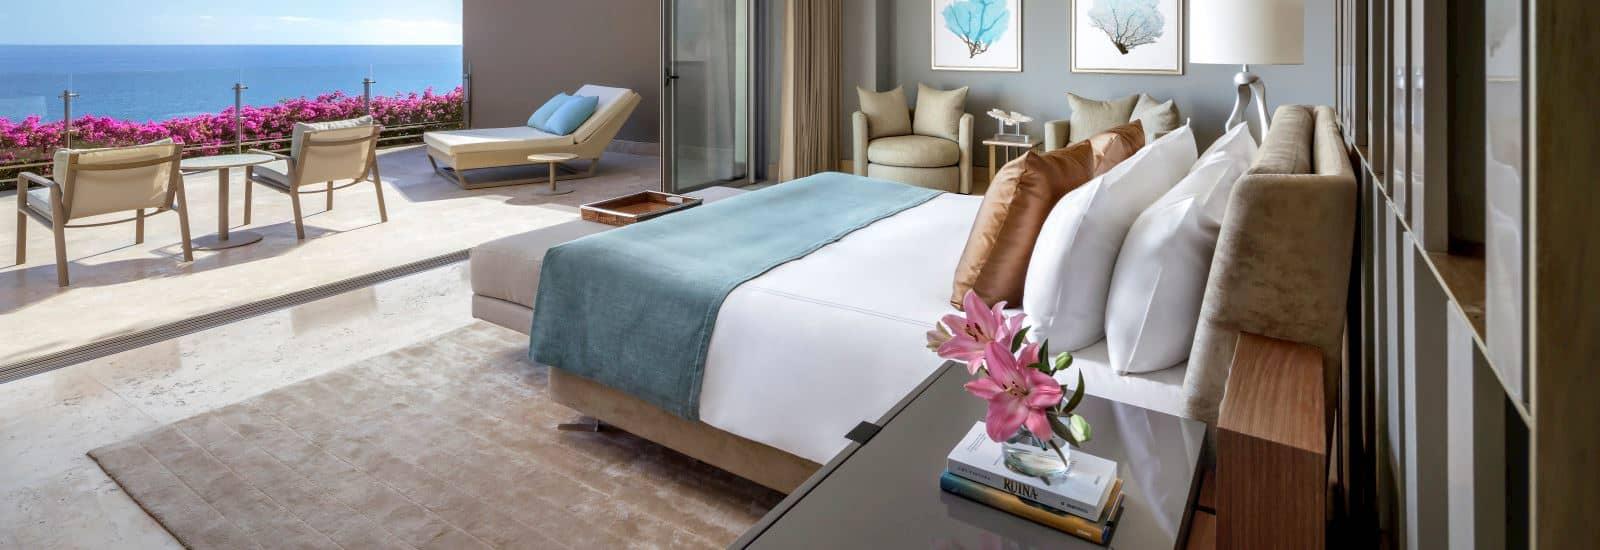 Suites at Grand Velas Los Cabos Resort, Mexico